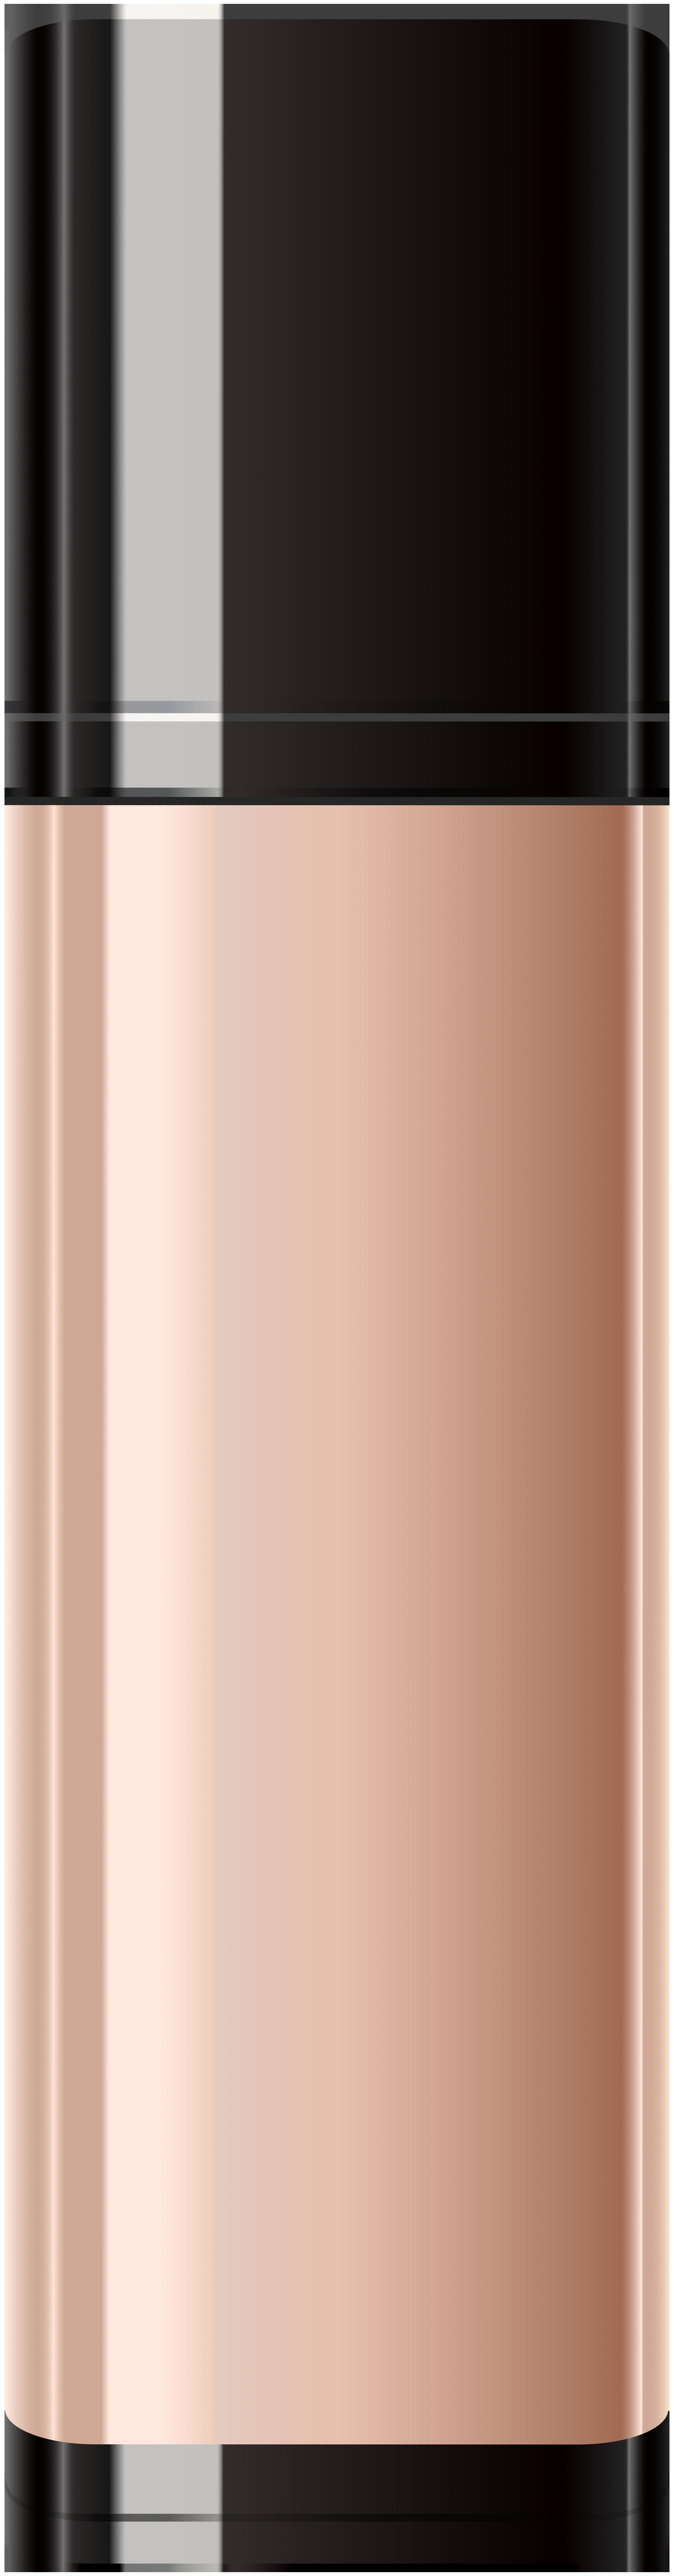 Foundation Makeup Bottle PNG Clip Art Image.